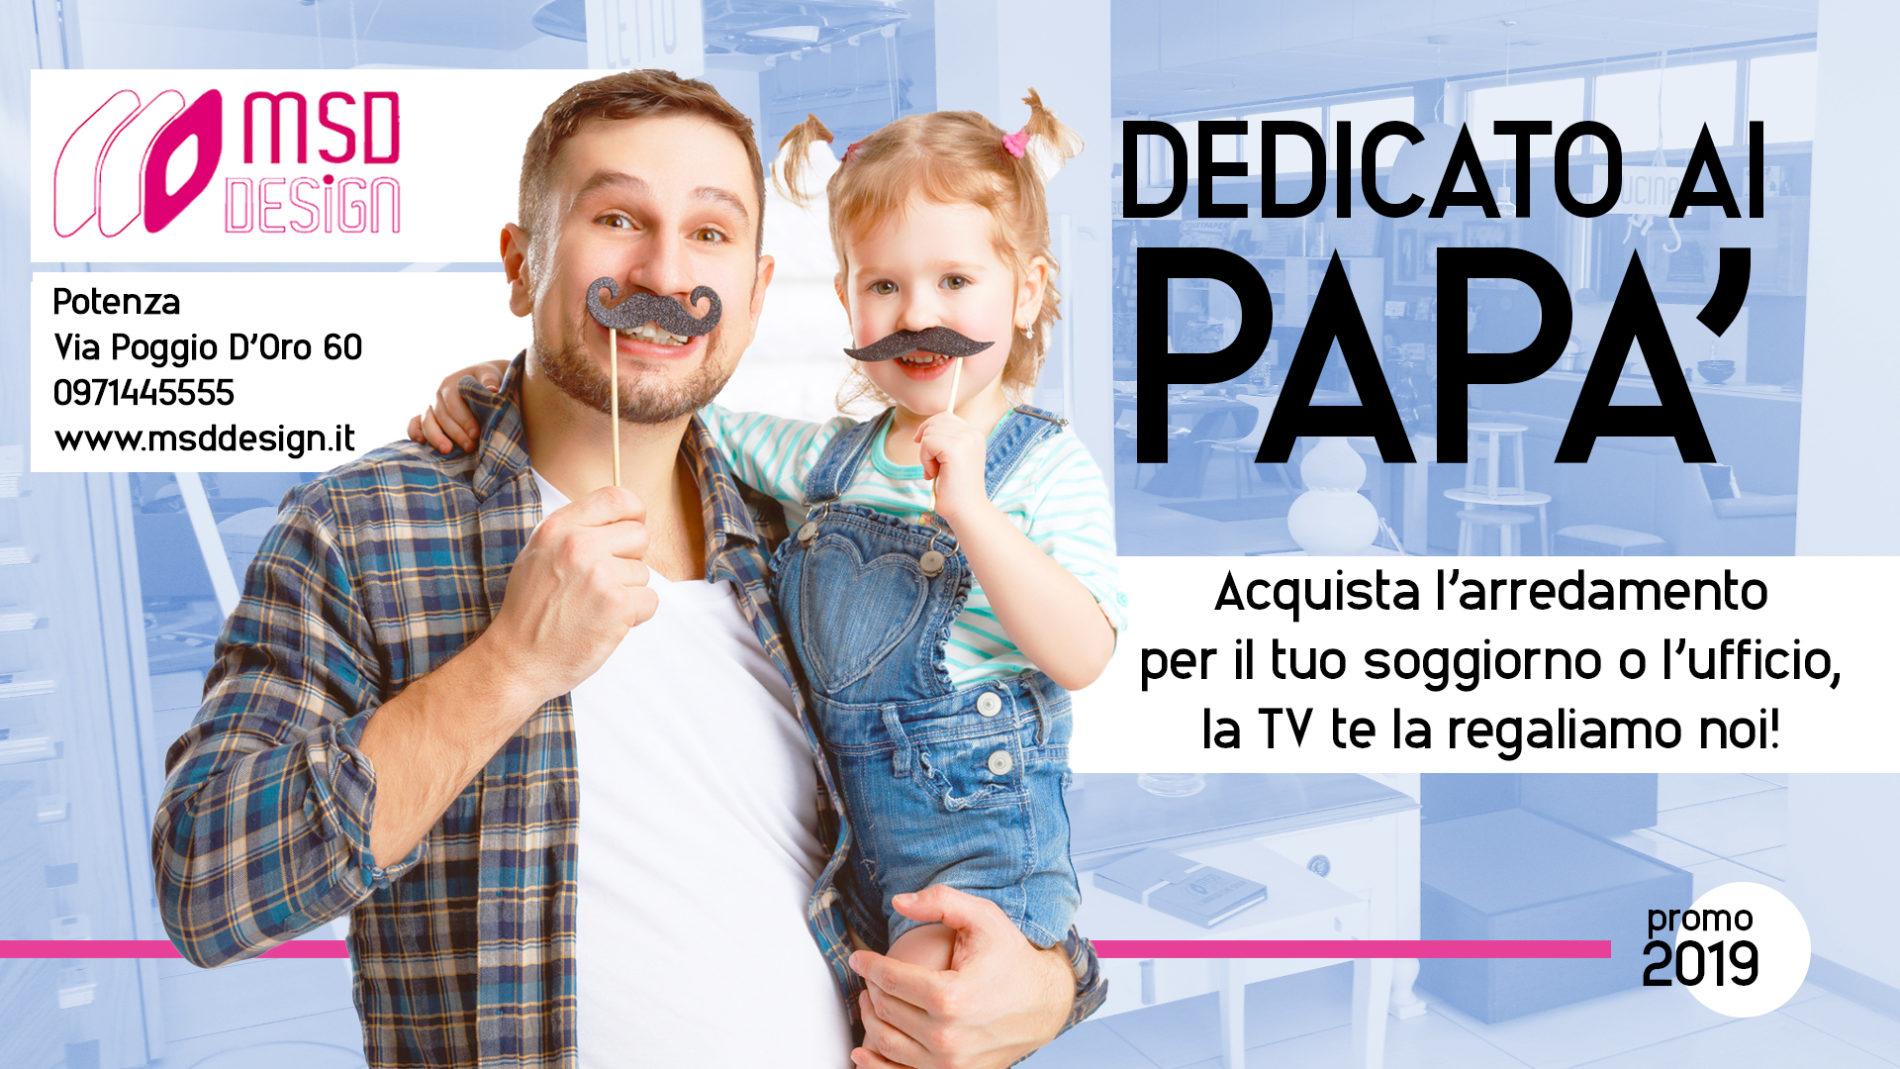 dedicato ai papà 2 - Dedicato ai Papà - festa del papà - (promo 2019)